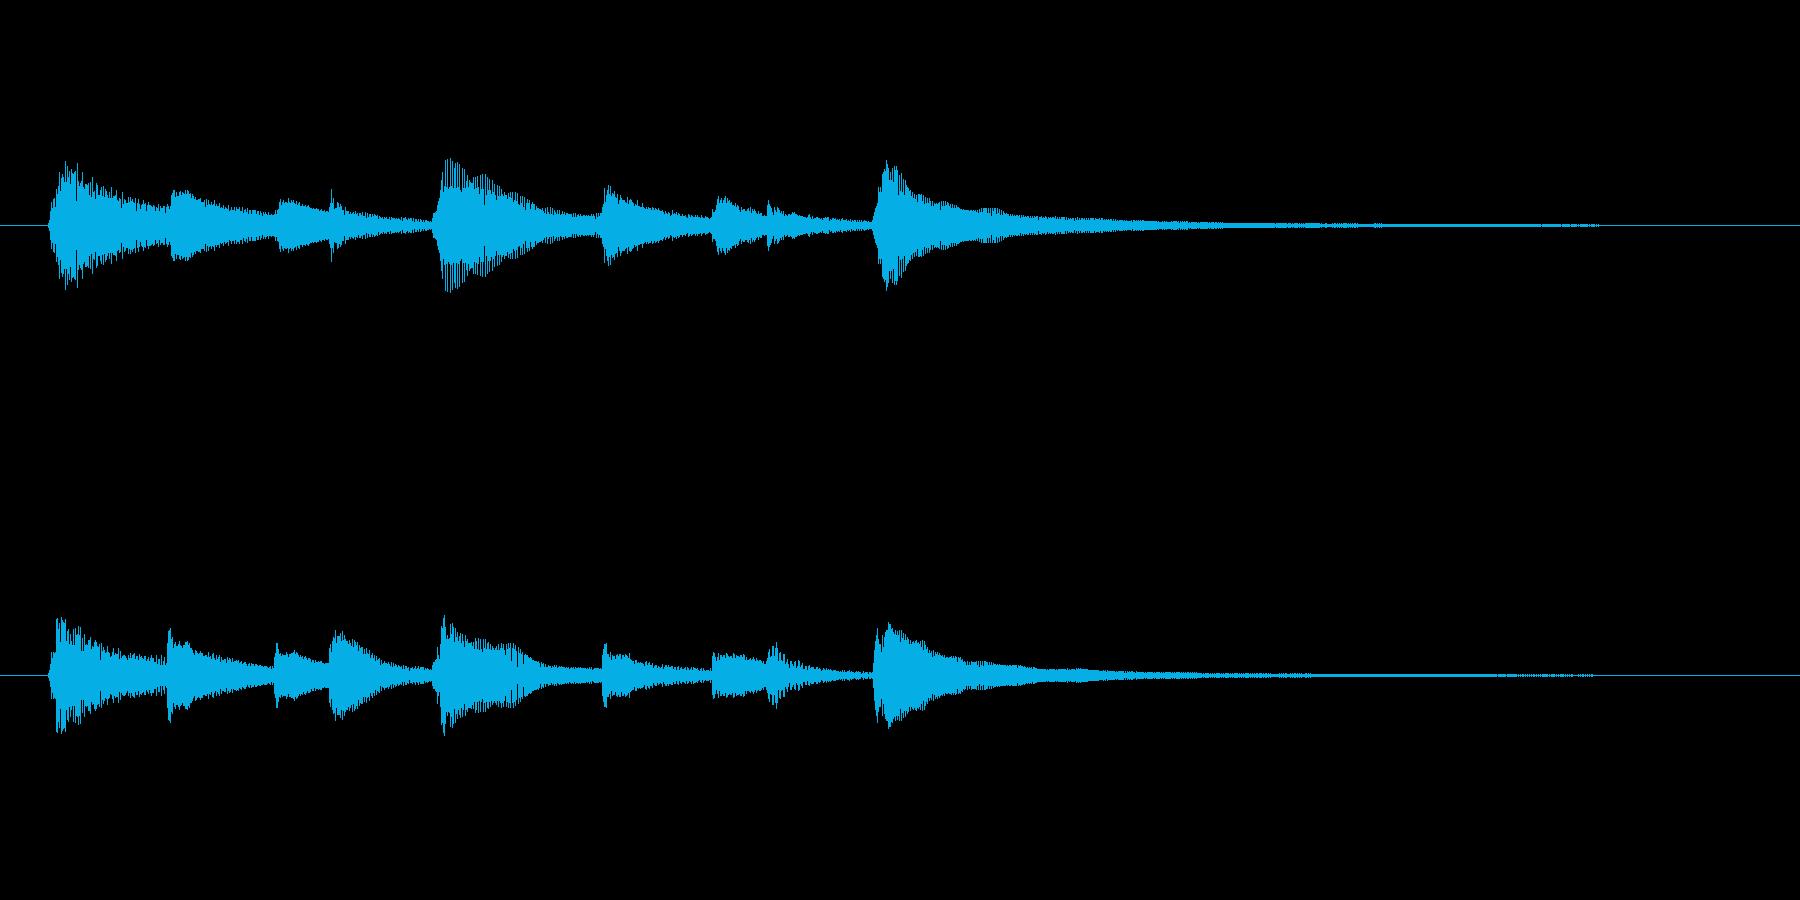 CM等で使いやすいピアノソロジングルの再生済みの波形